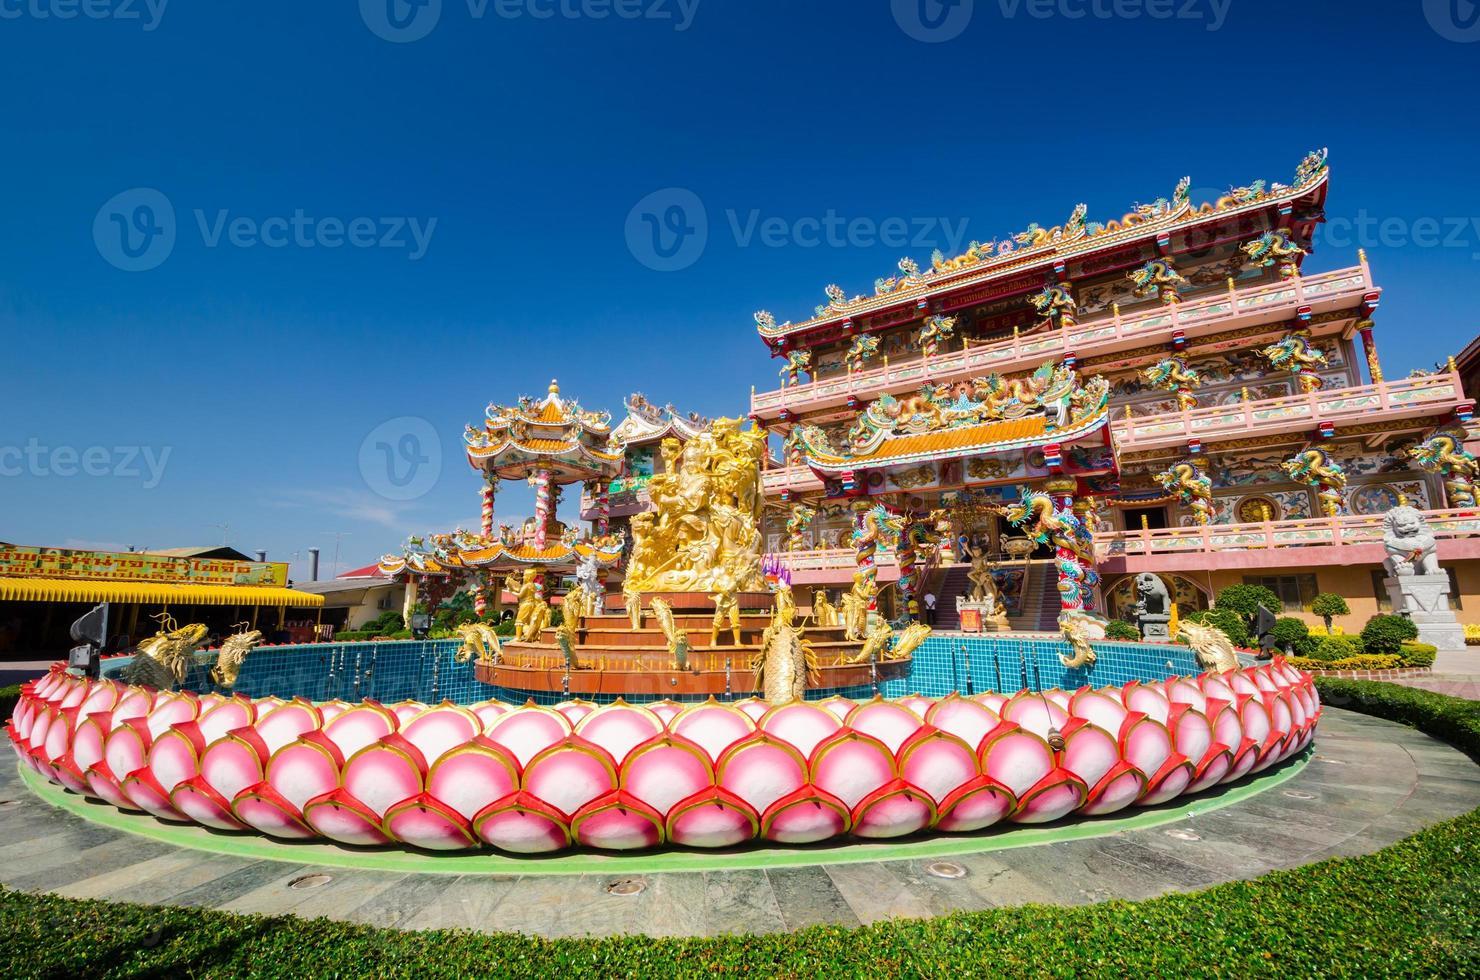 statua naja del tempio santuario cinese, chonburi, thailandia foto